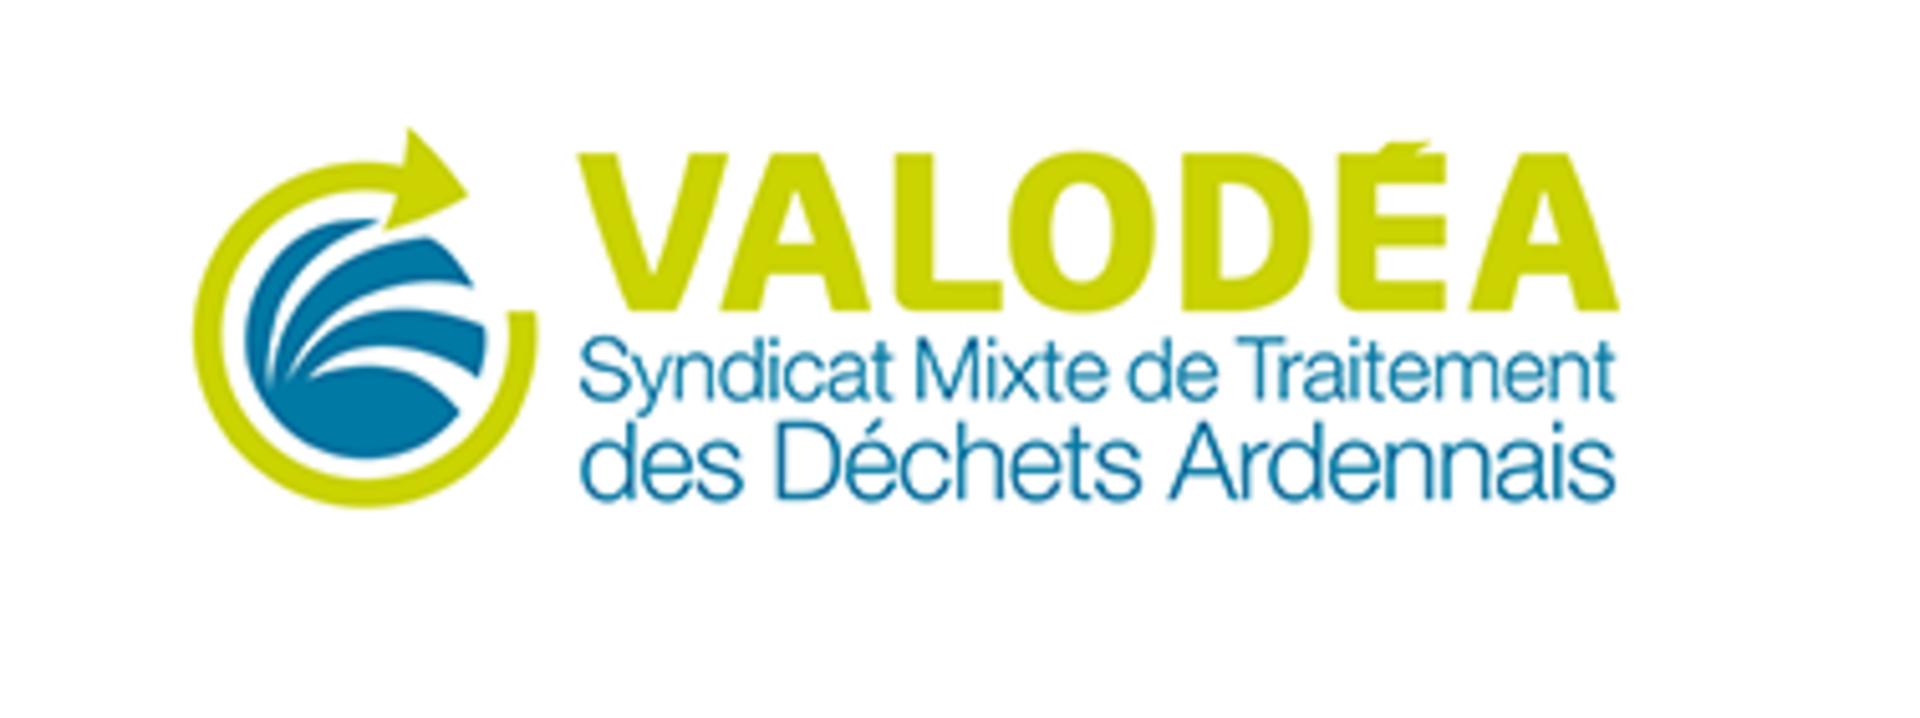 logo valodea